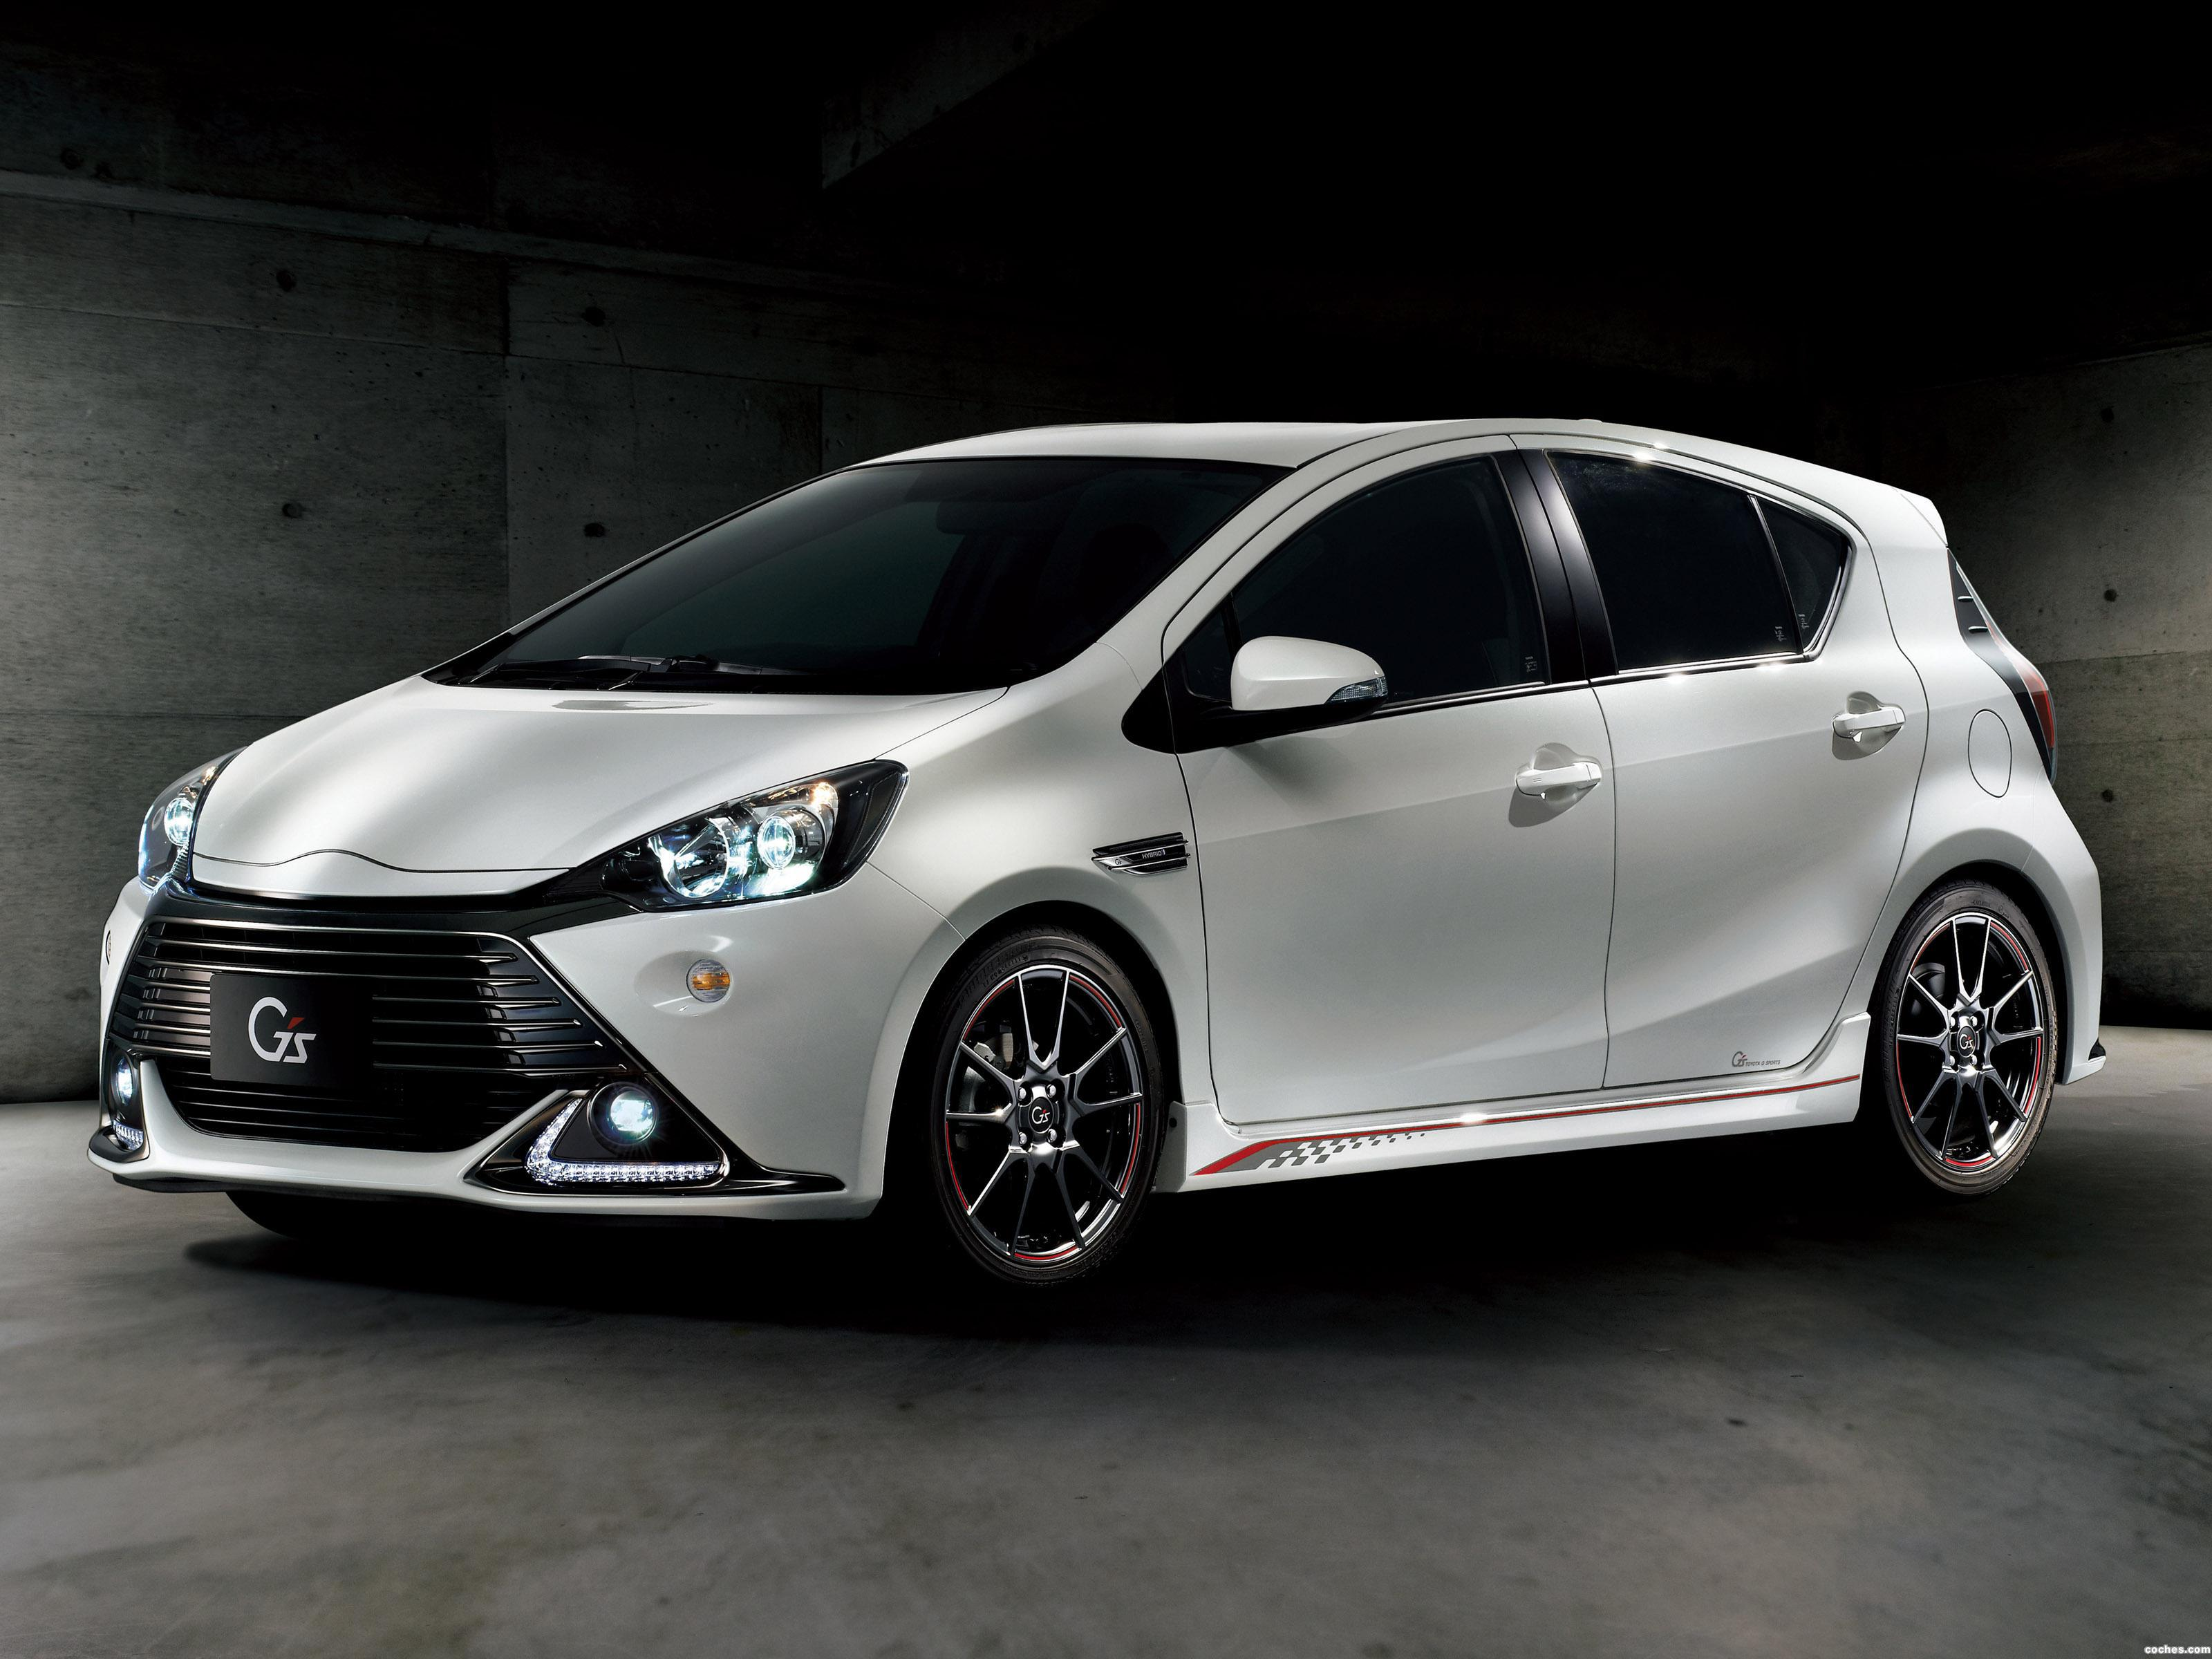 Foto 0 de Toyota Aqua G Sports 2014